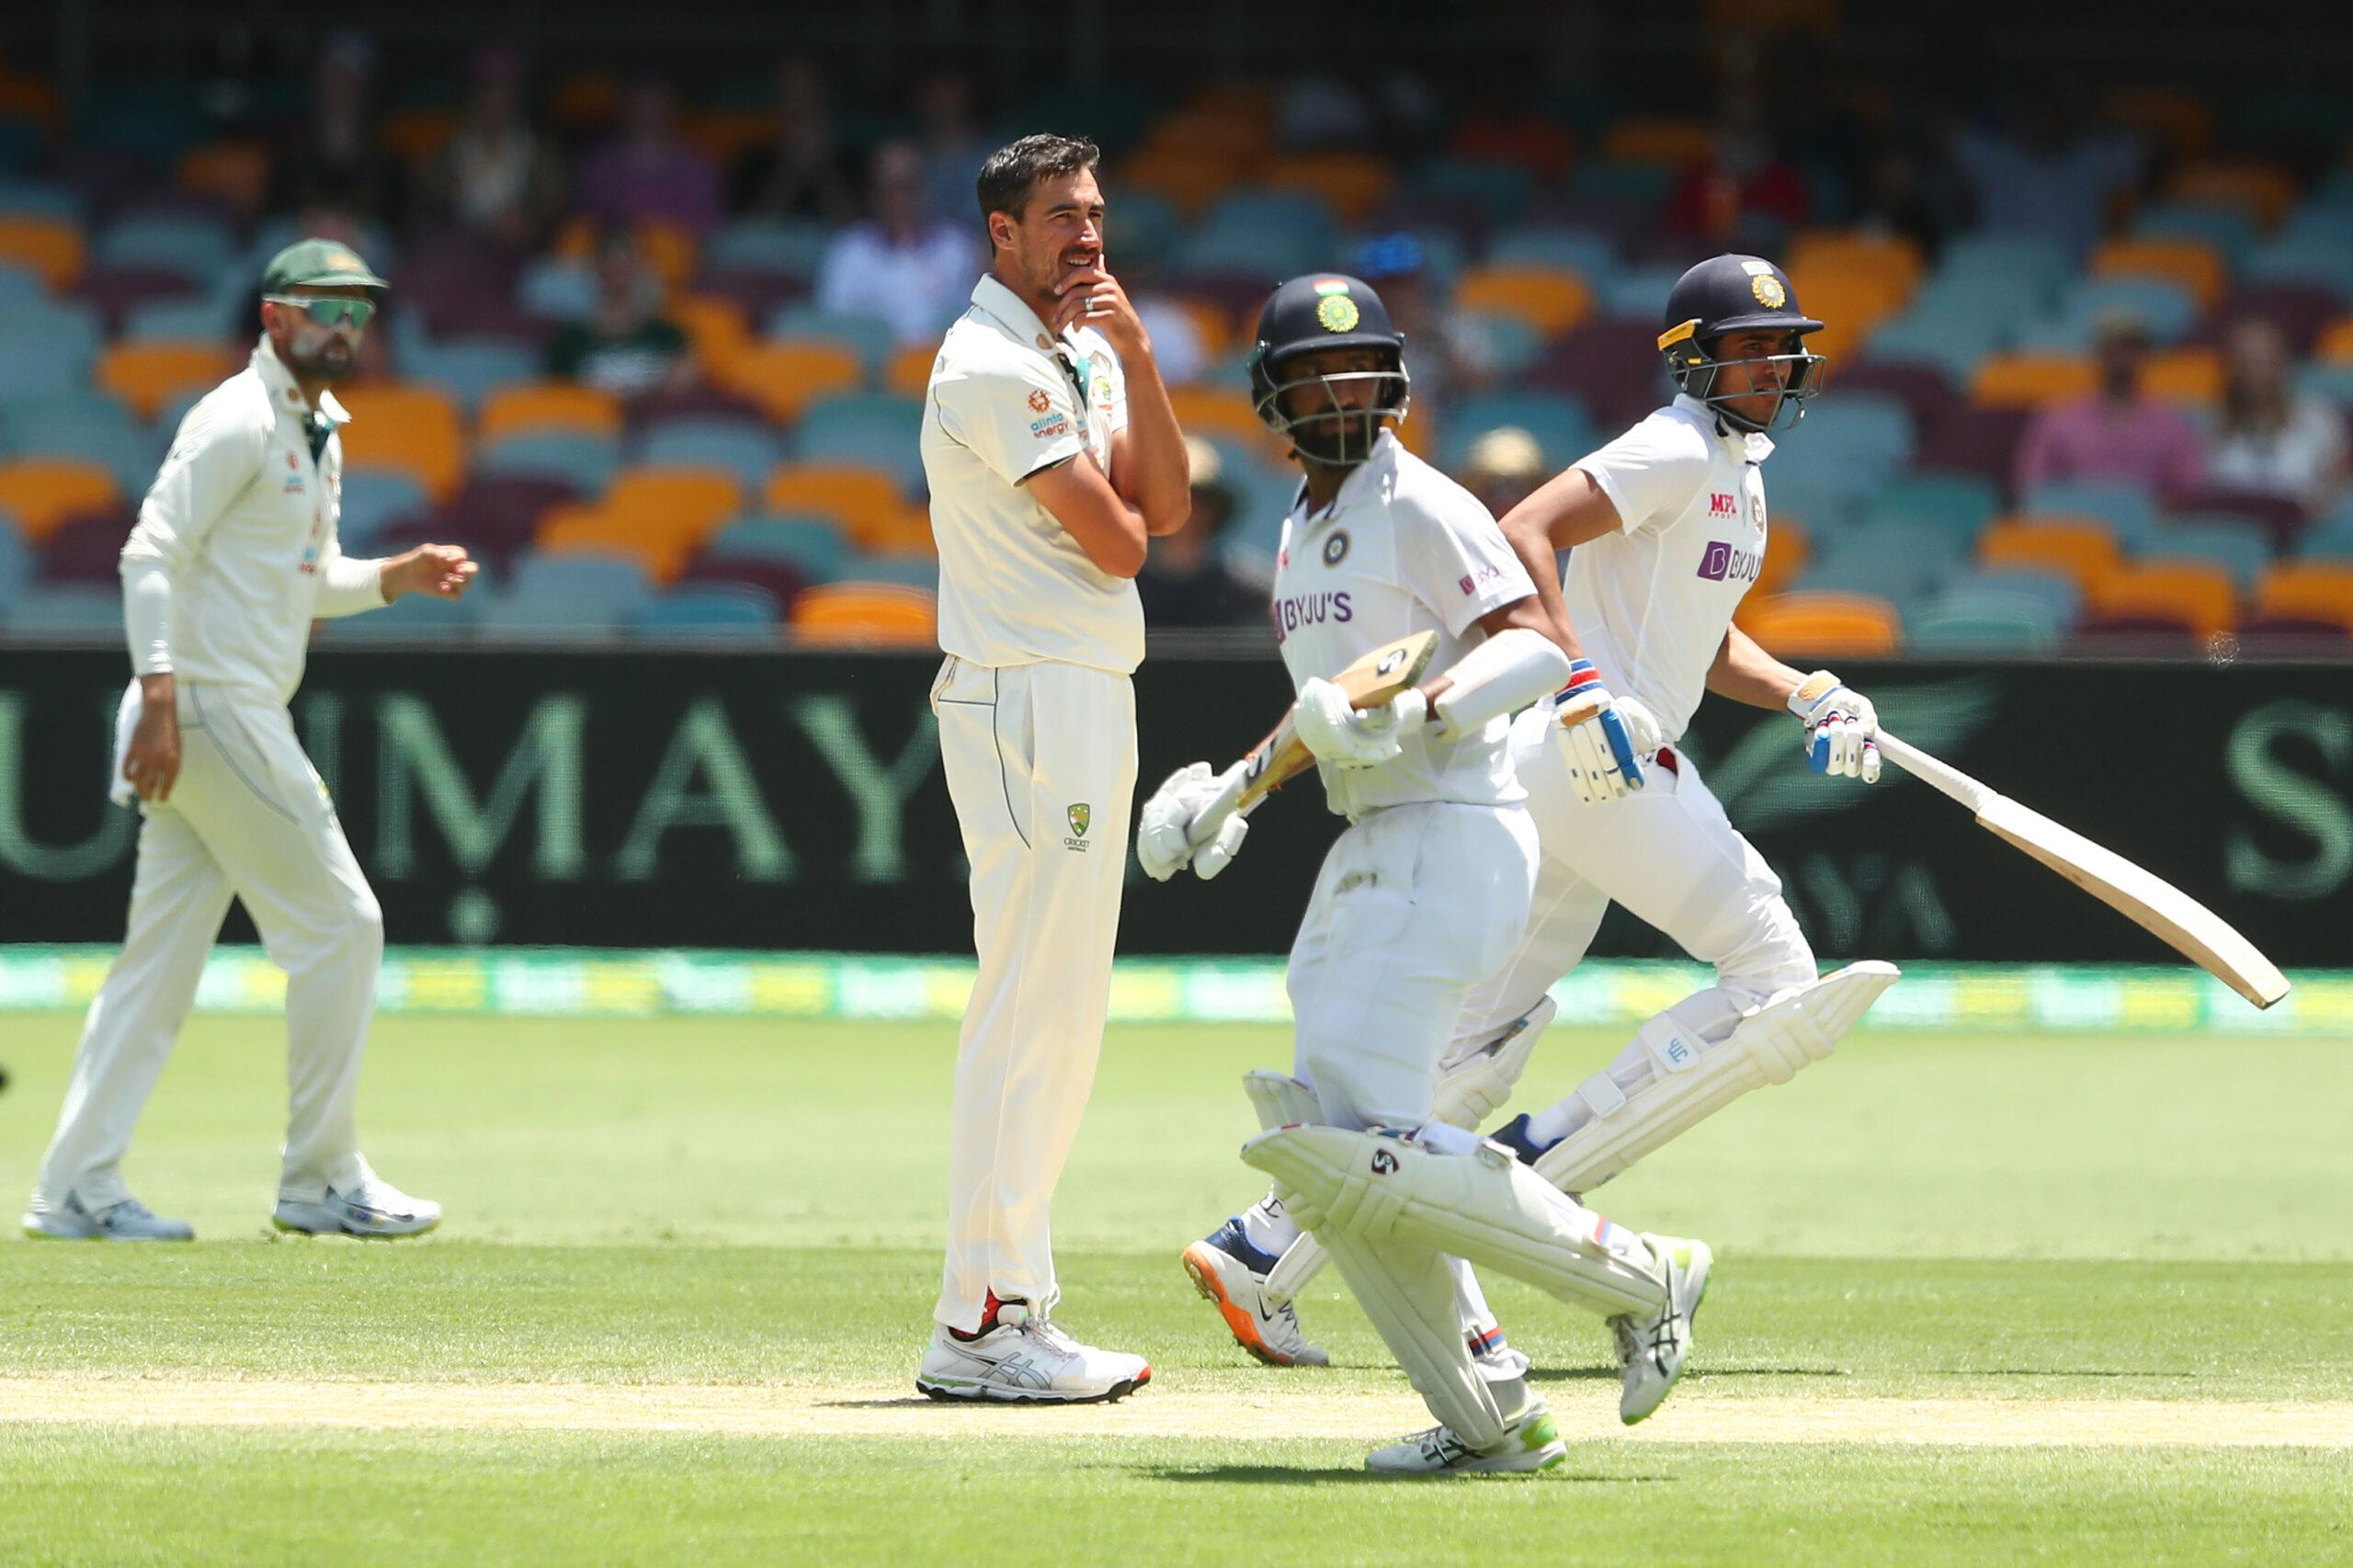 AUSvsIND : 2-1 से सीरीज जीतने के बाद कप्तान अजिंक्य रहाणे ने इस खिलाड़ी को दिया जीत का पूरा श्रेय 2